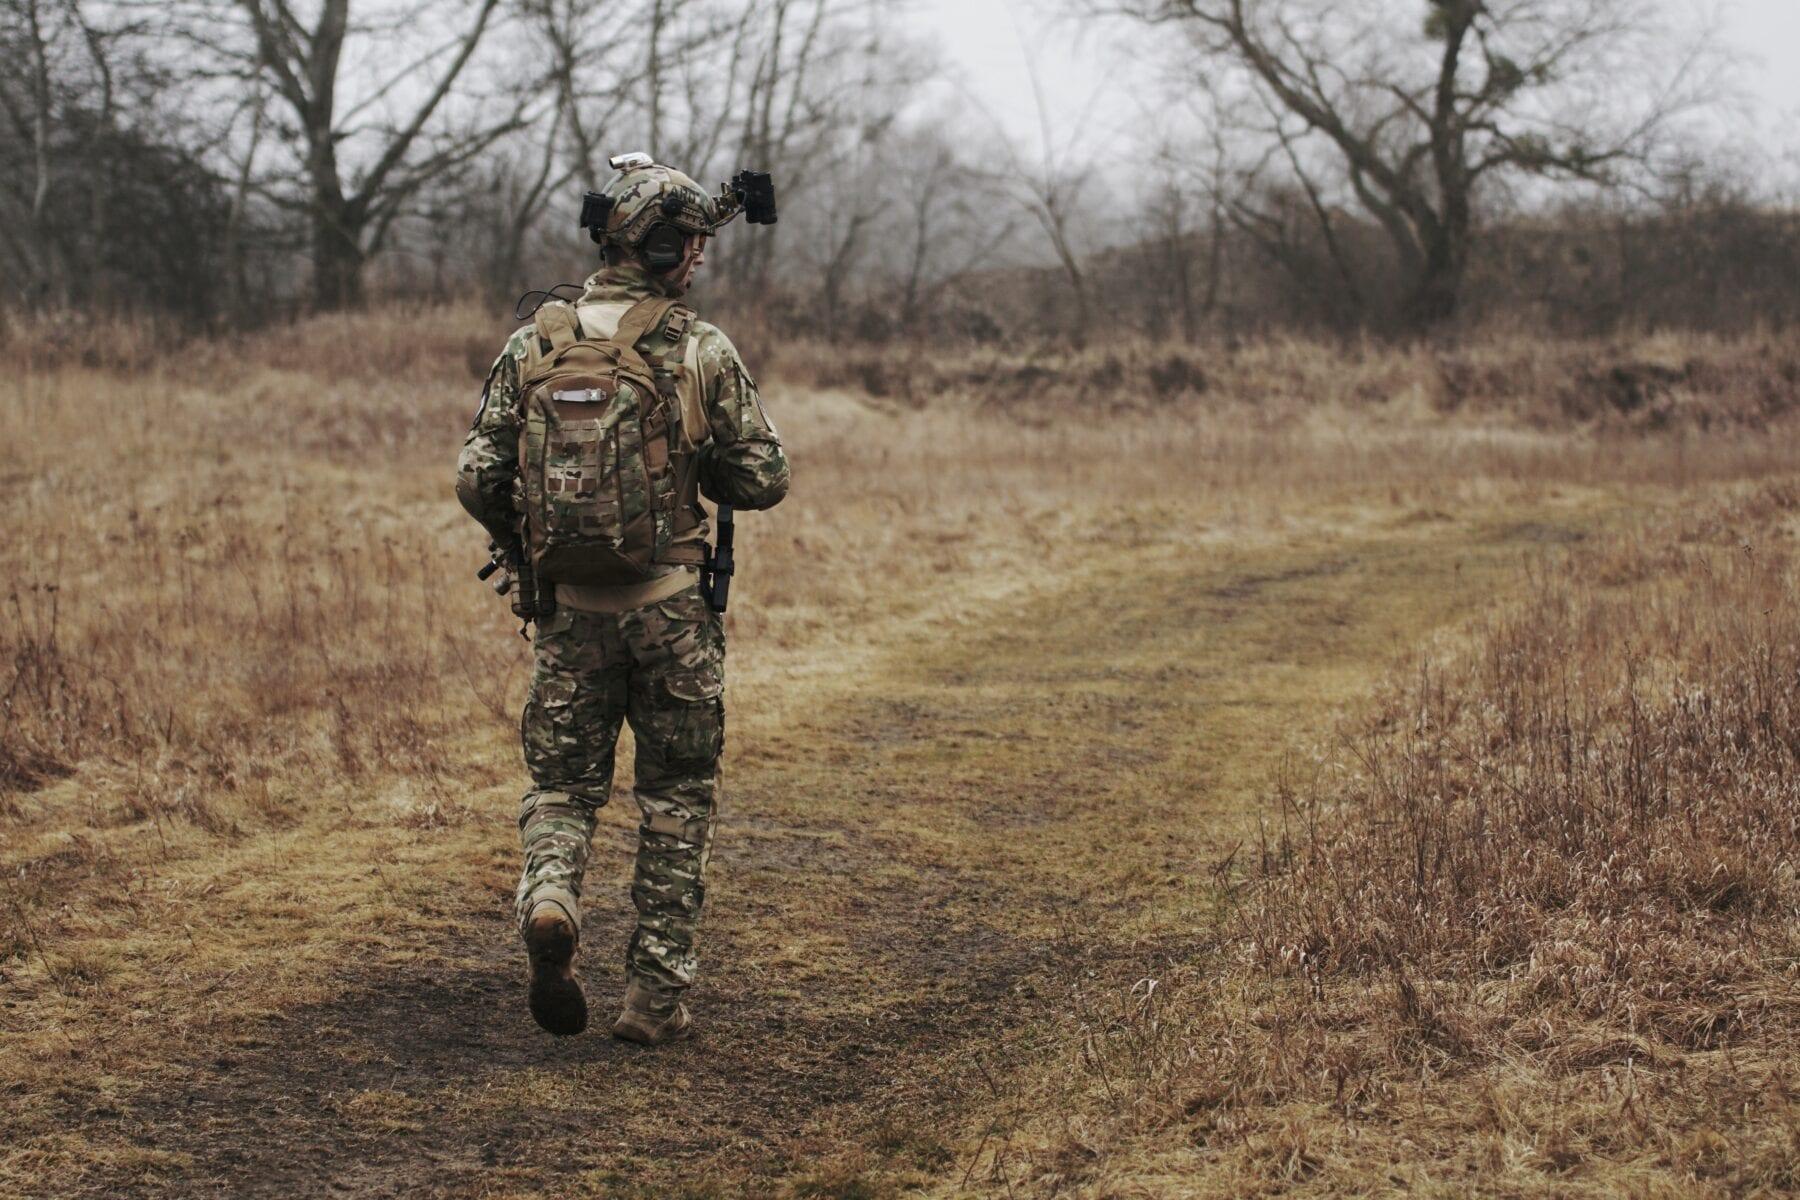 verboden toegang natuurgebied bord militair oefenterrein